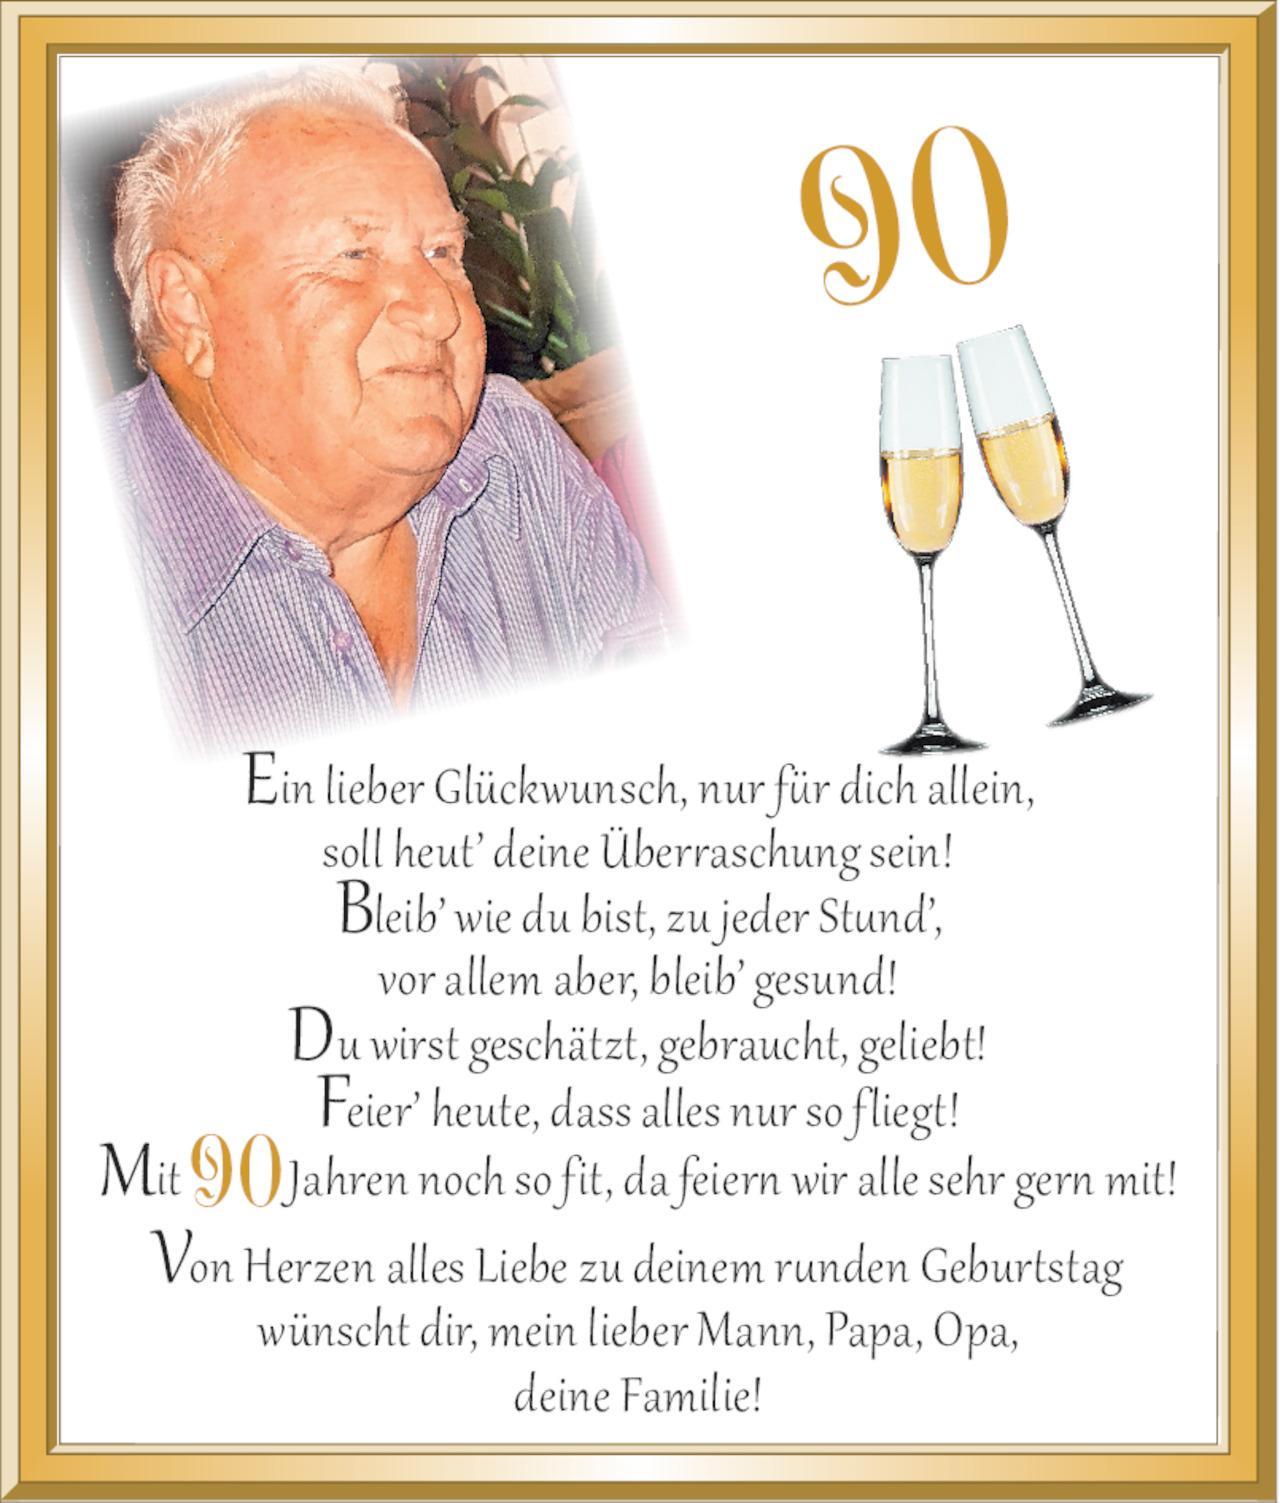 Gluckwunsche 90 geburtstag opa